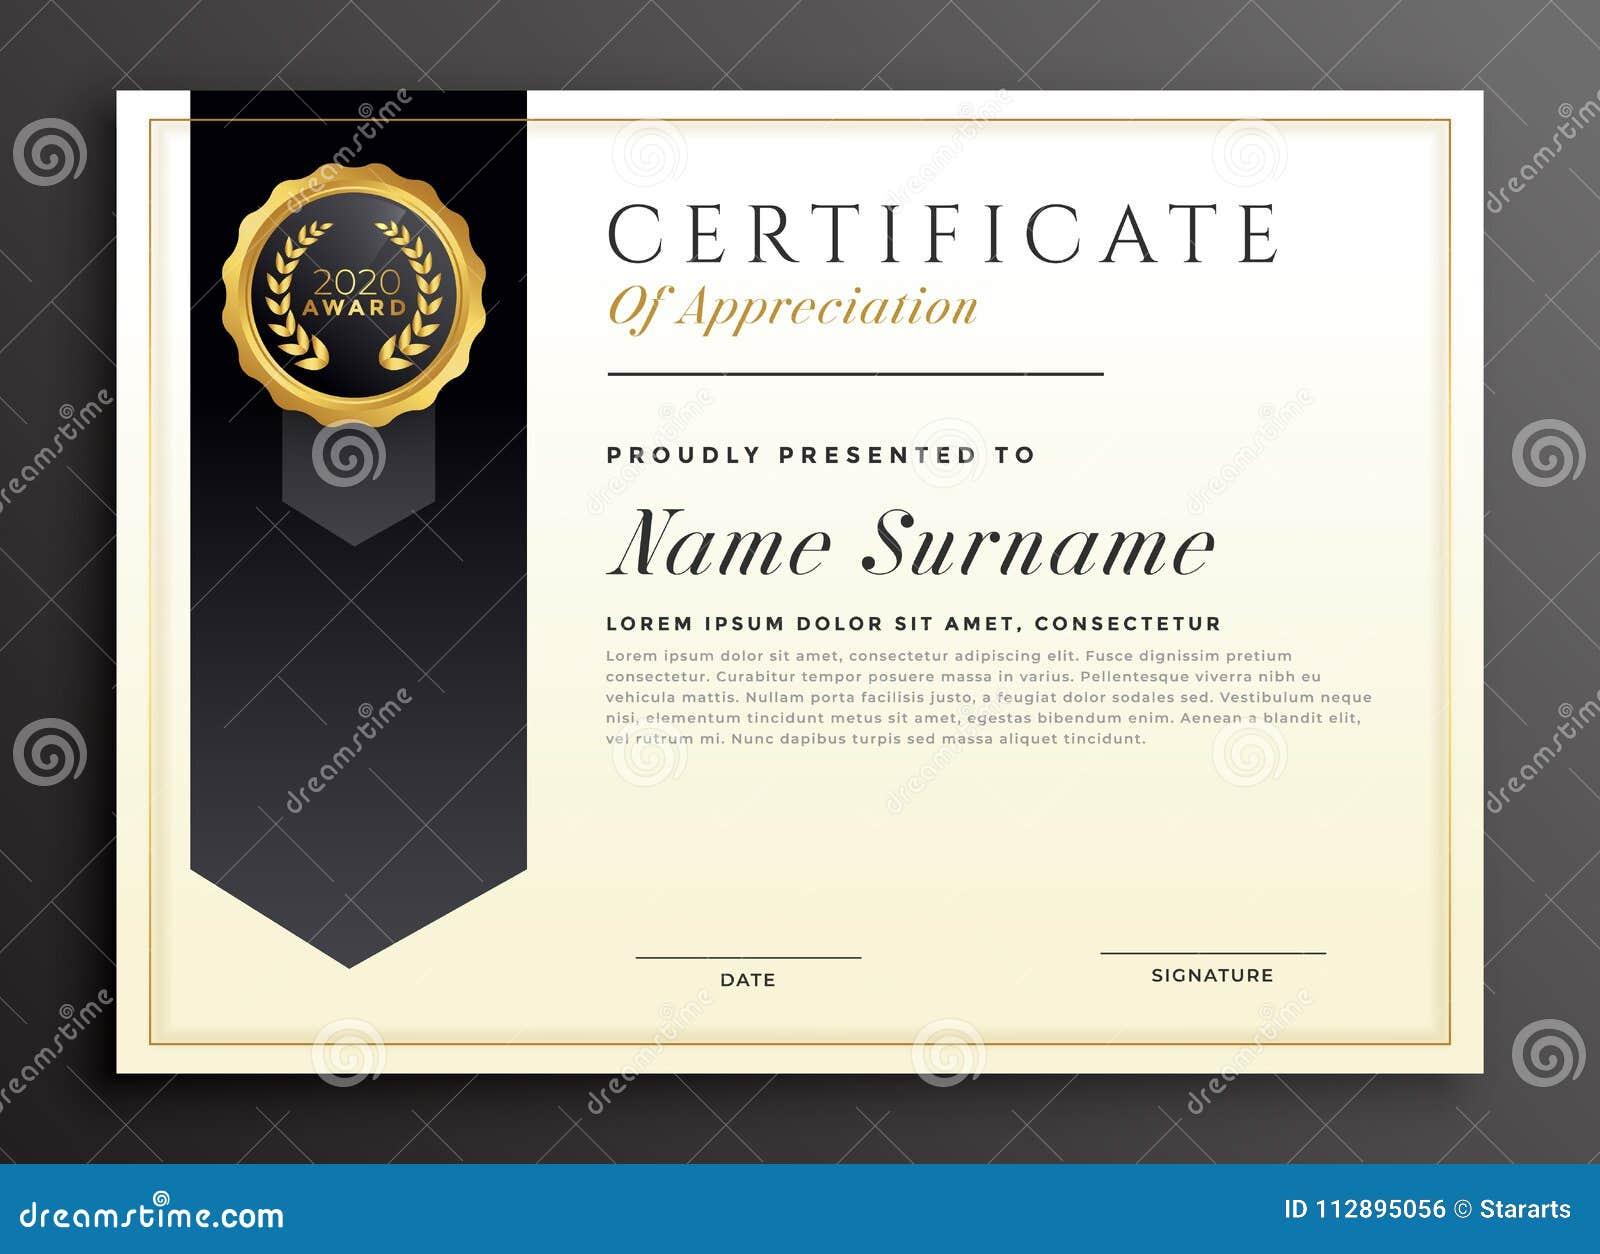 Elegant Diploma Award Certificate Template Design Stock ...